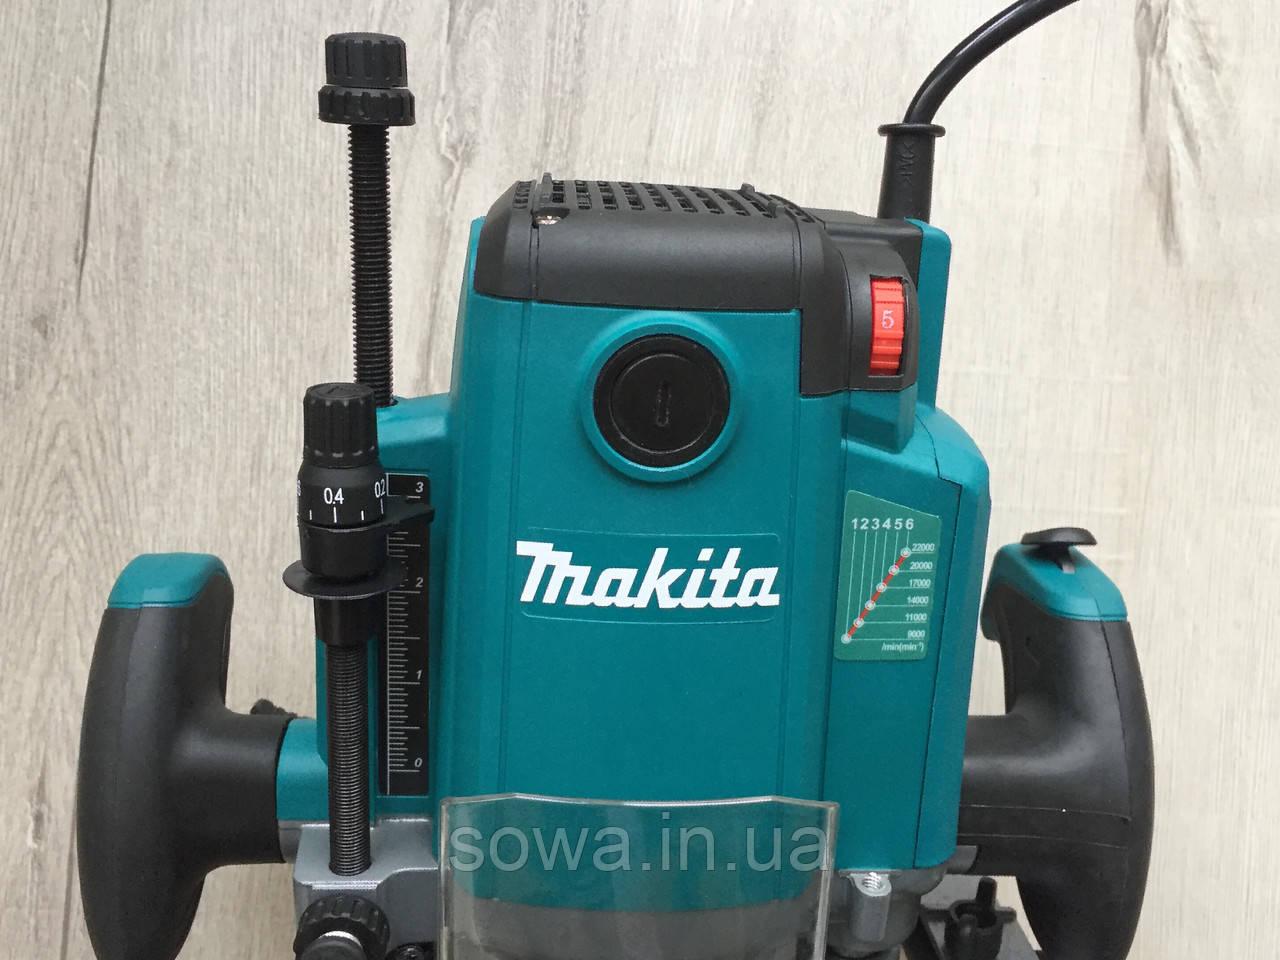 Фрезер, Фрезерная машина Makita/Макита RP2301FC   2100 Вт - фото 6